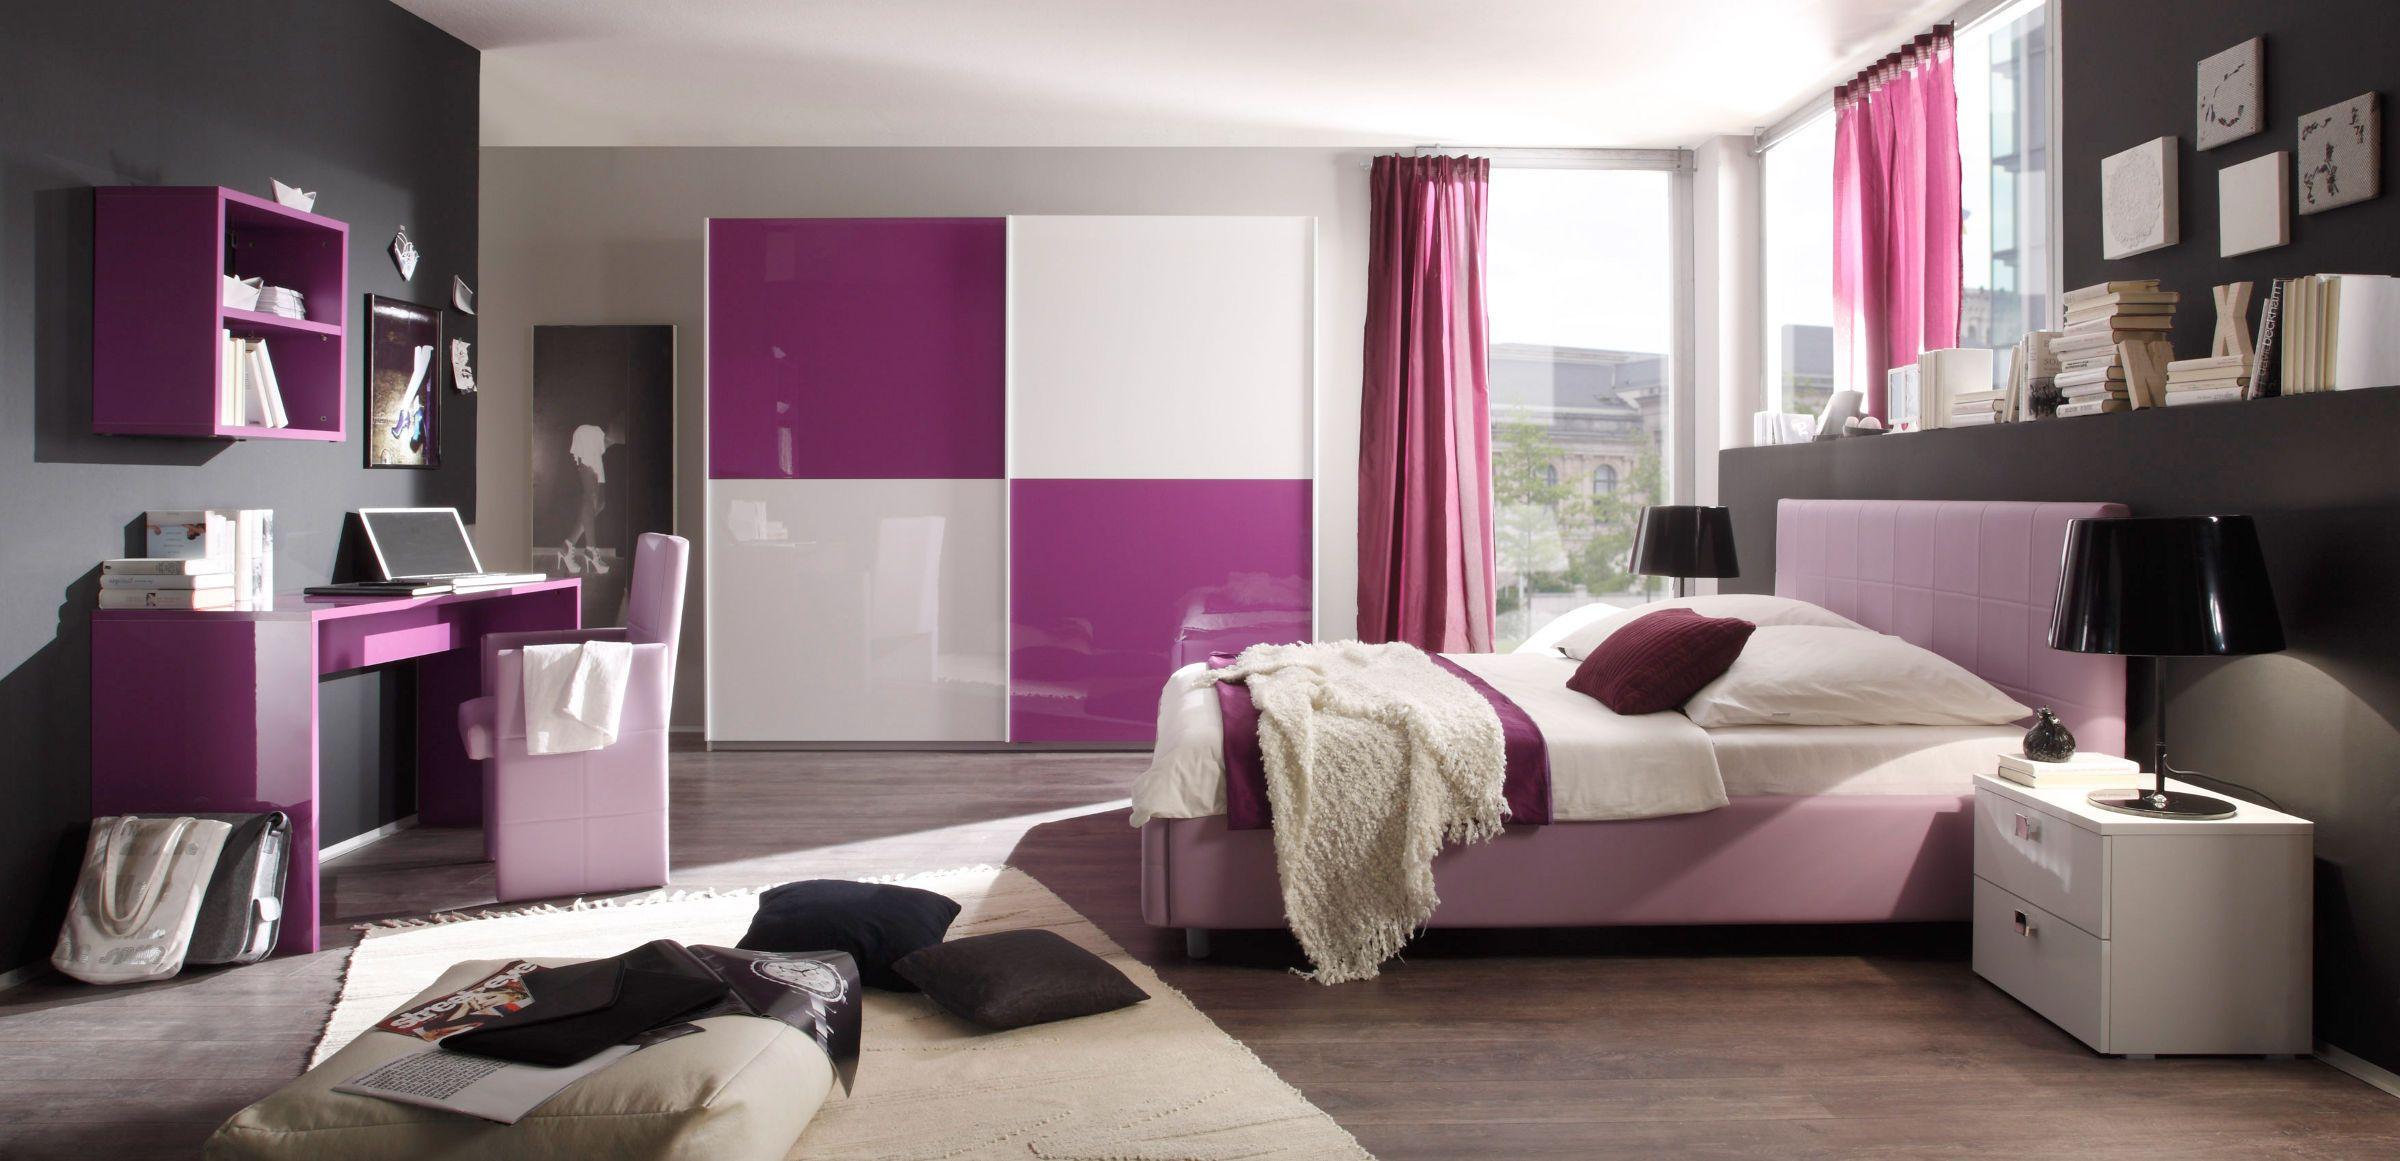 Jugendzimmer für jungs grau  Schlafzimmer weiß / lila Hochglanz Lack Italien Colorativi1 | Pimp ...